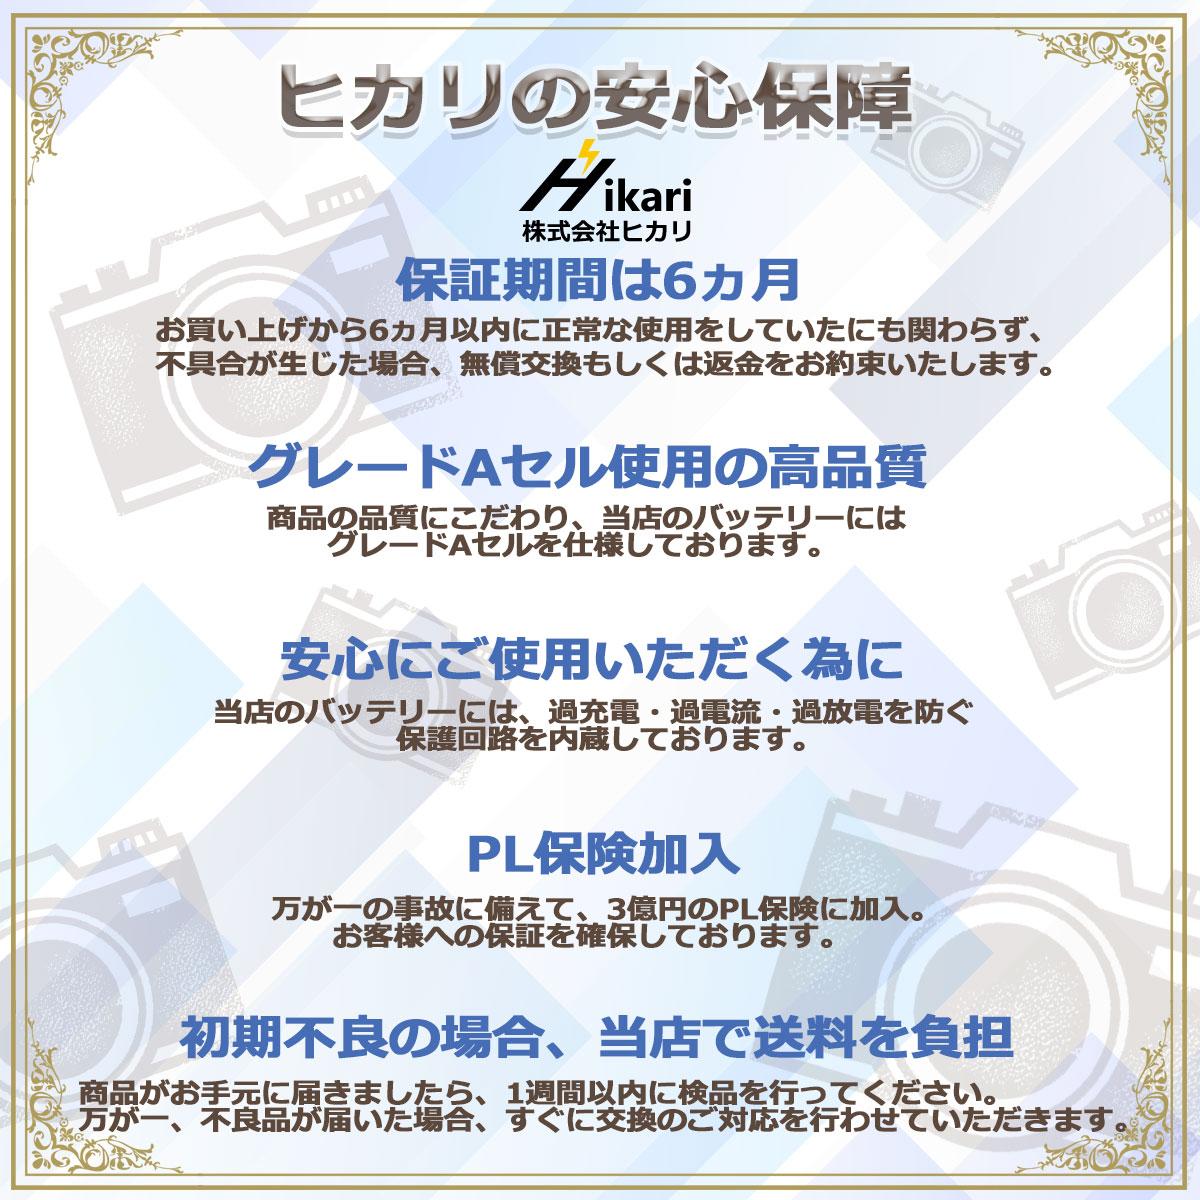 【あす楽対応】 Panasonic パナソニッ...の紹介画像2